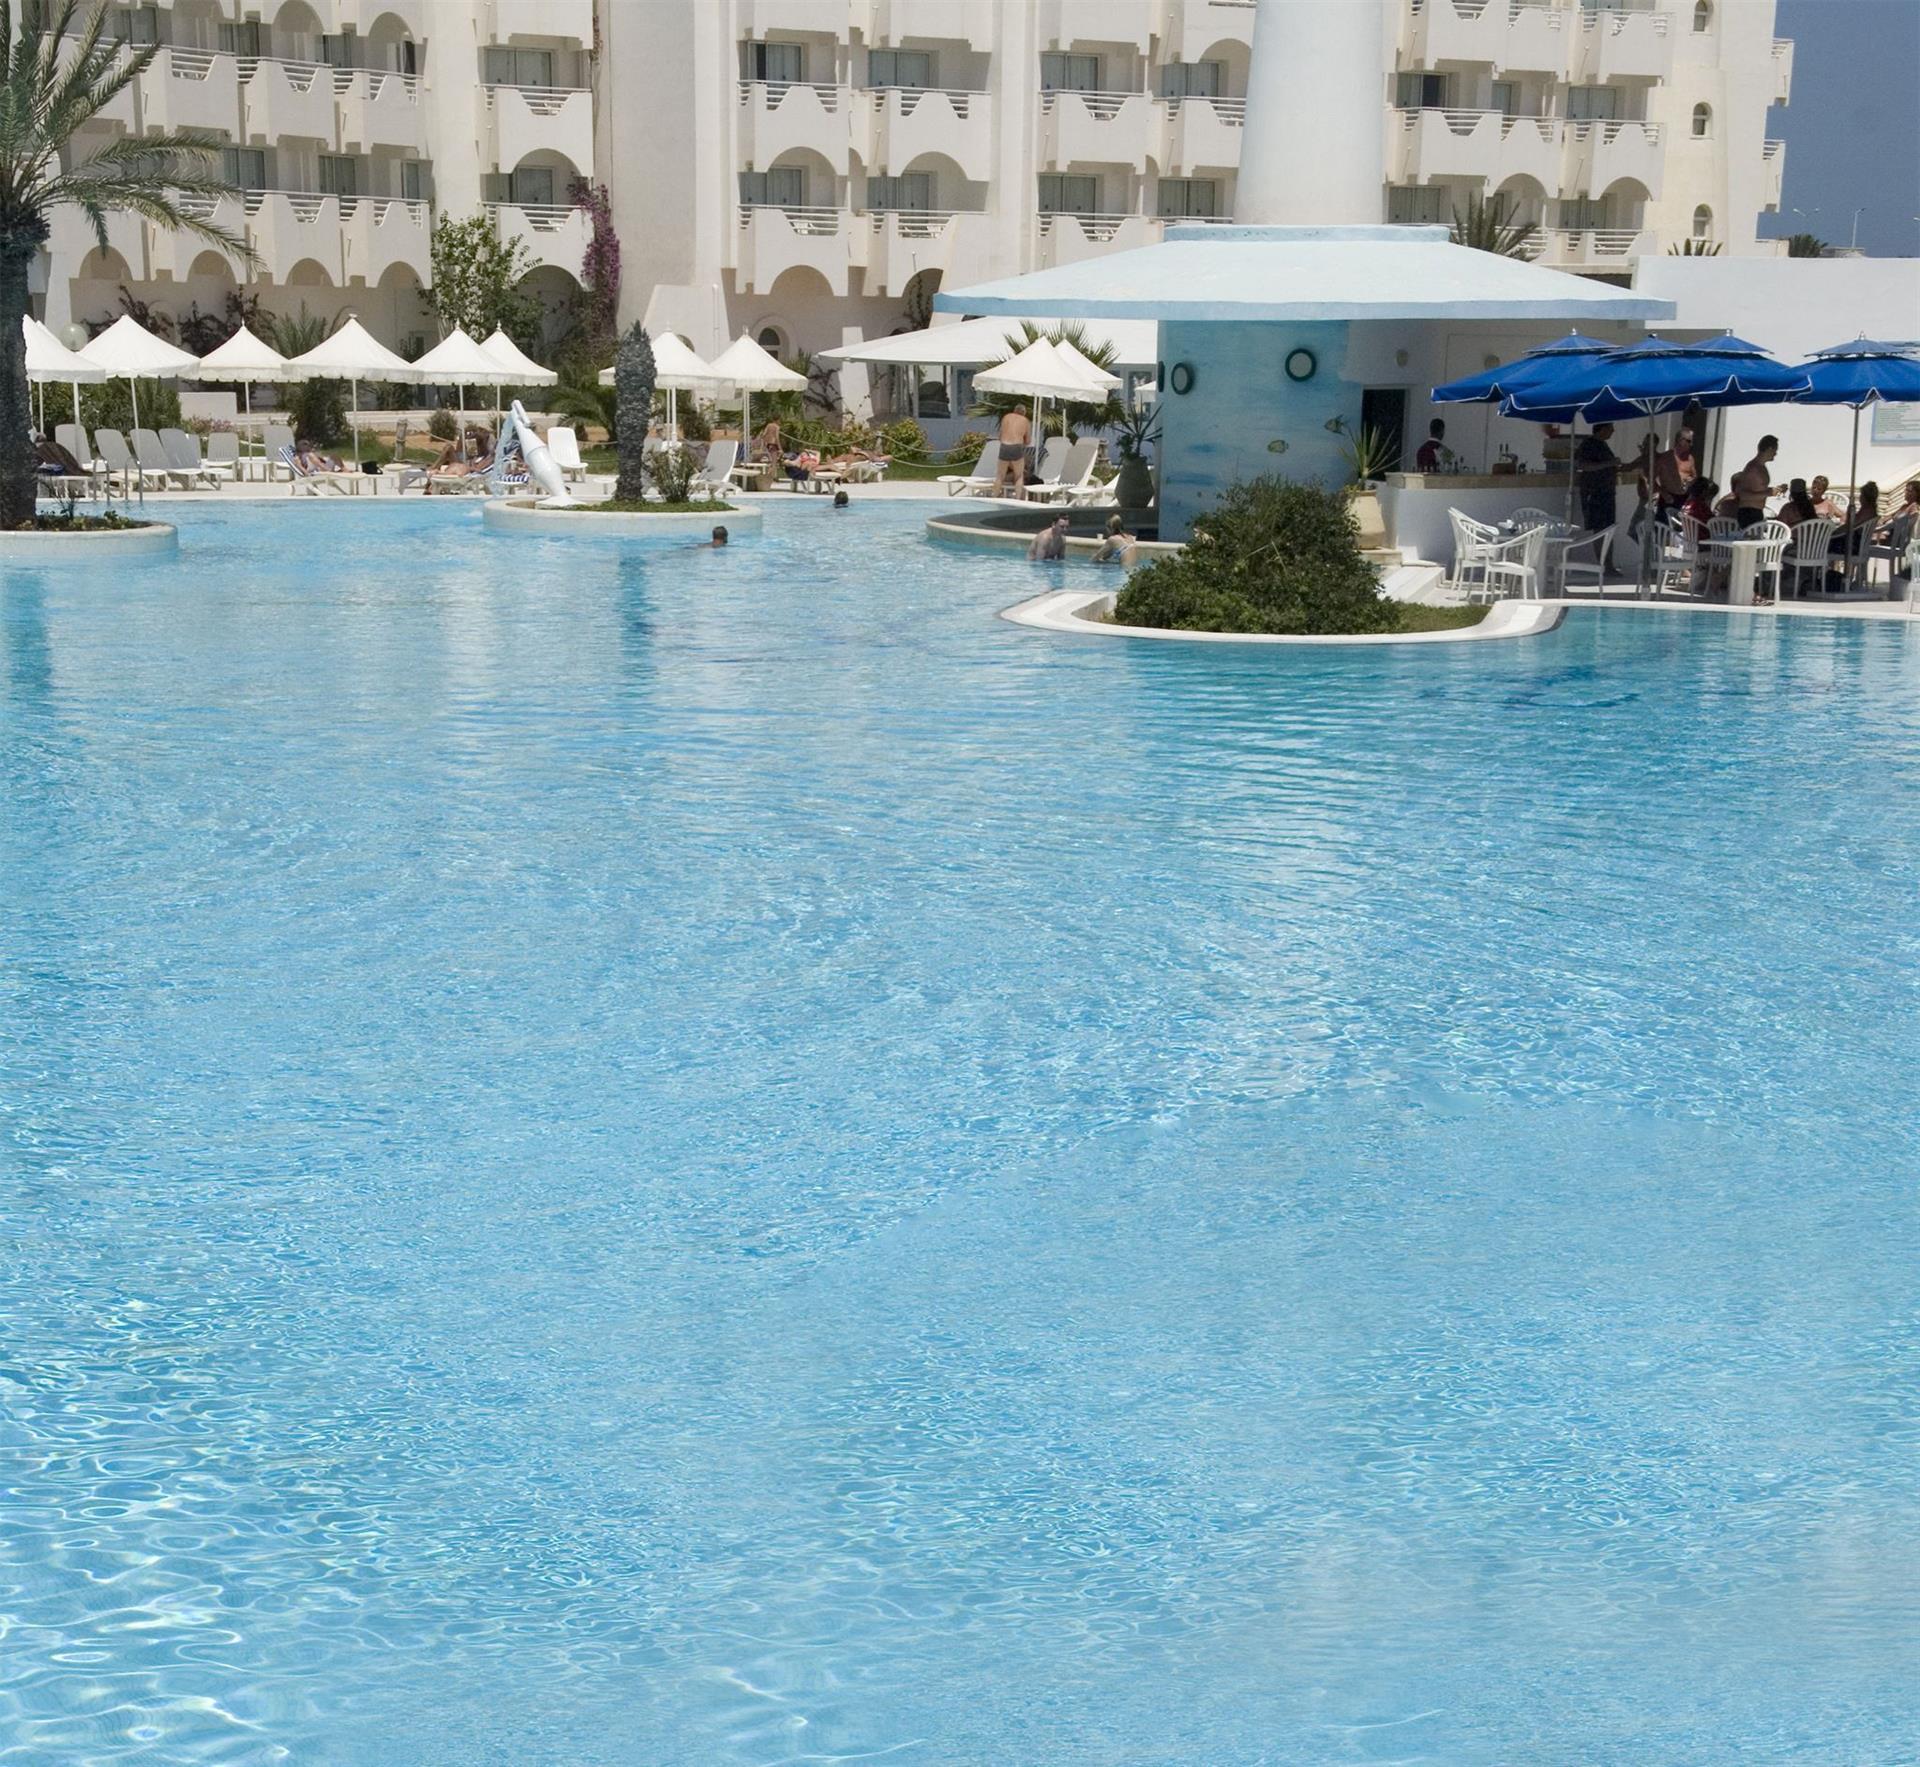 деревня отель браво джерба тунис фото цитата если решишься